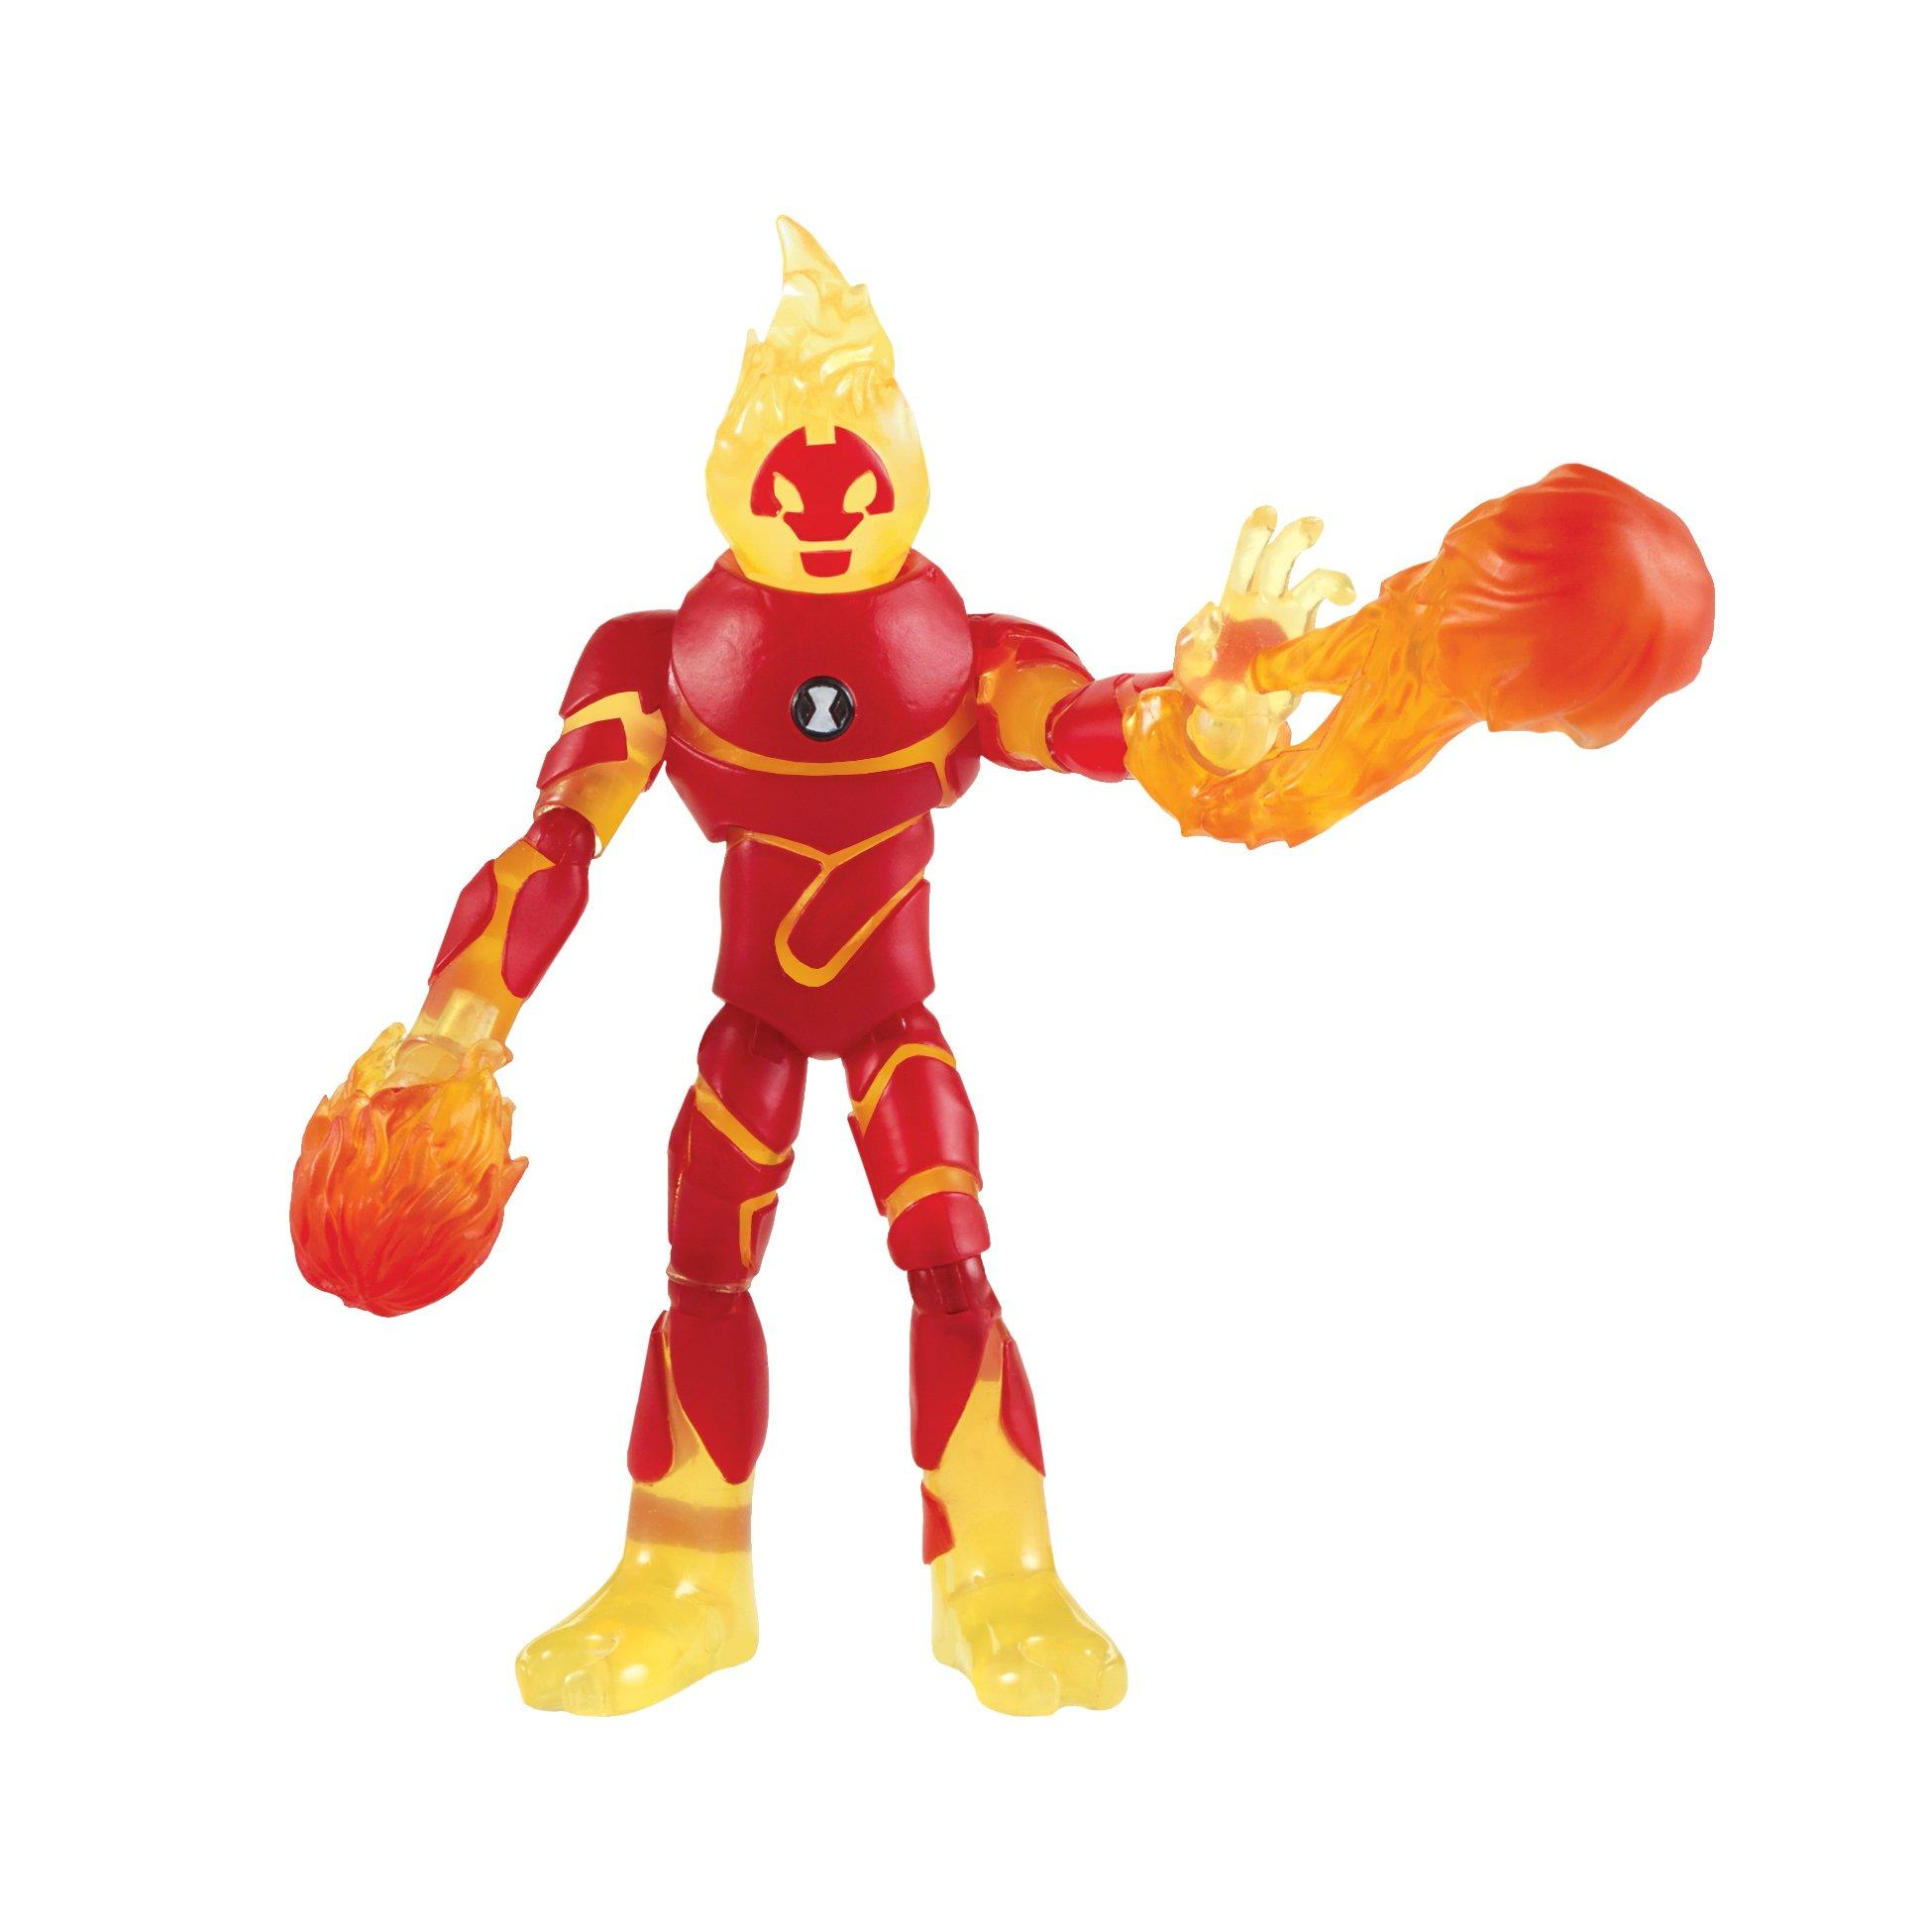 Ben 10 Heatblast Action Figure by Ben 10 (Image #1)